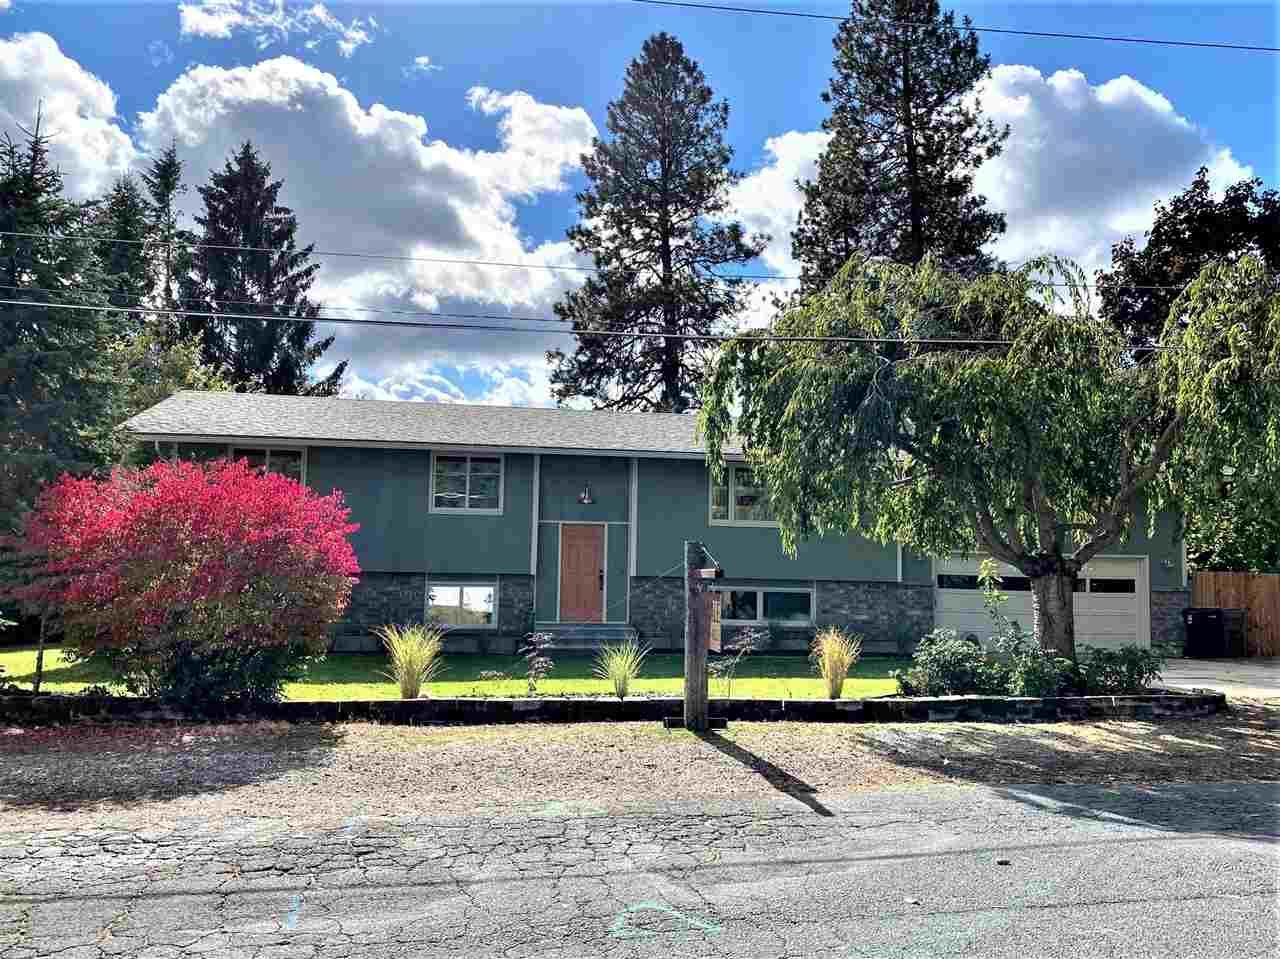 1714 E 49th Ave, Spokane, WA 99223 - #: 202110076